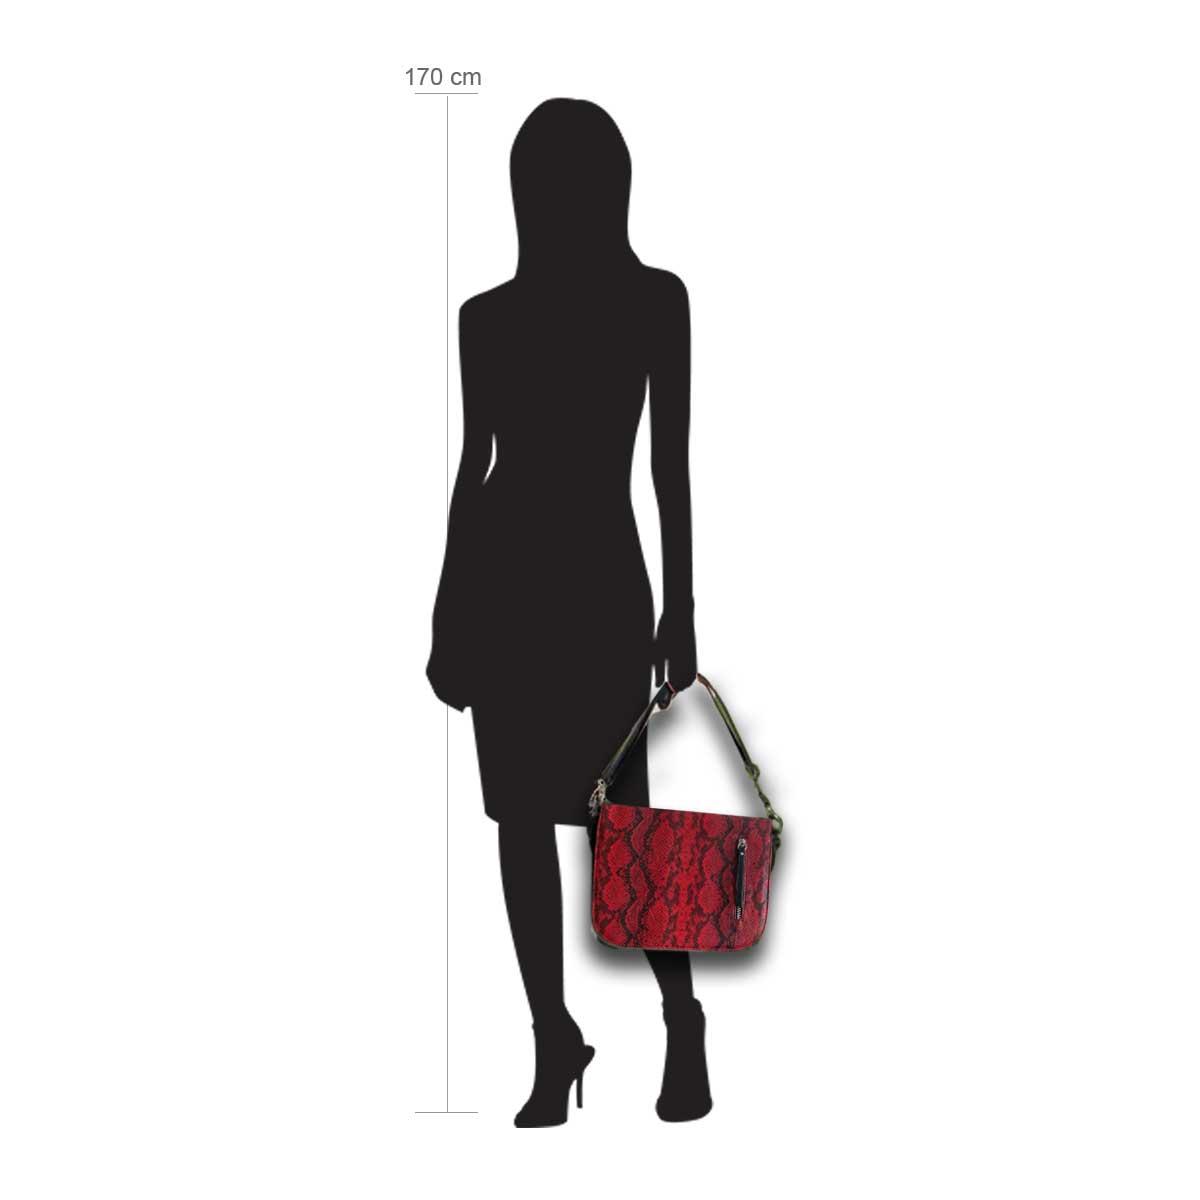 Modellpuppe 170 cm groß zeigt die Handtaschengröße an der Person Modell:Valencia